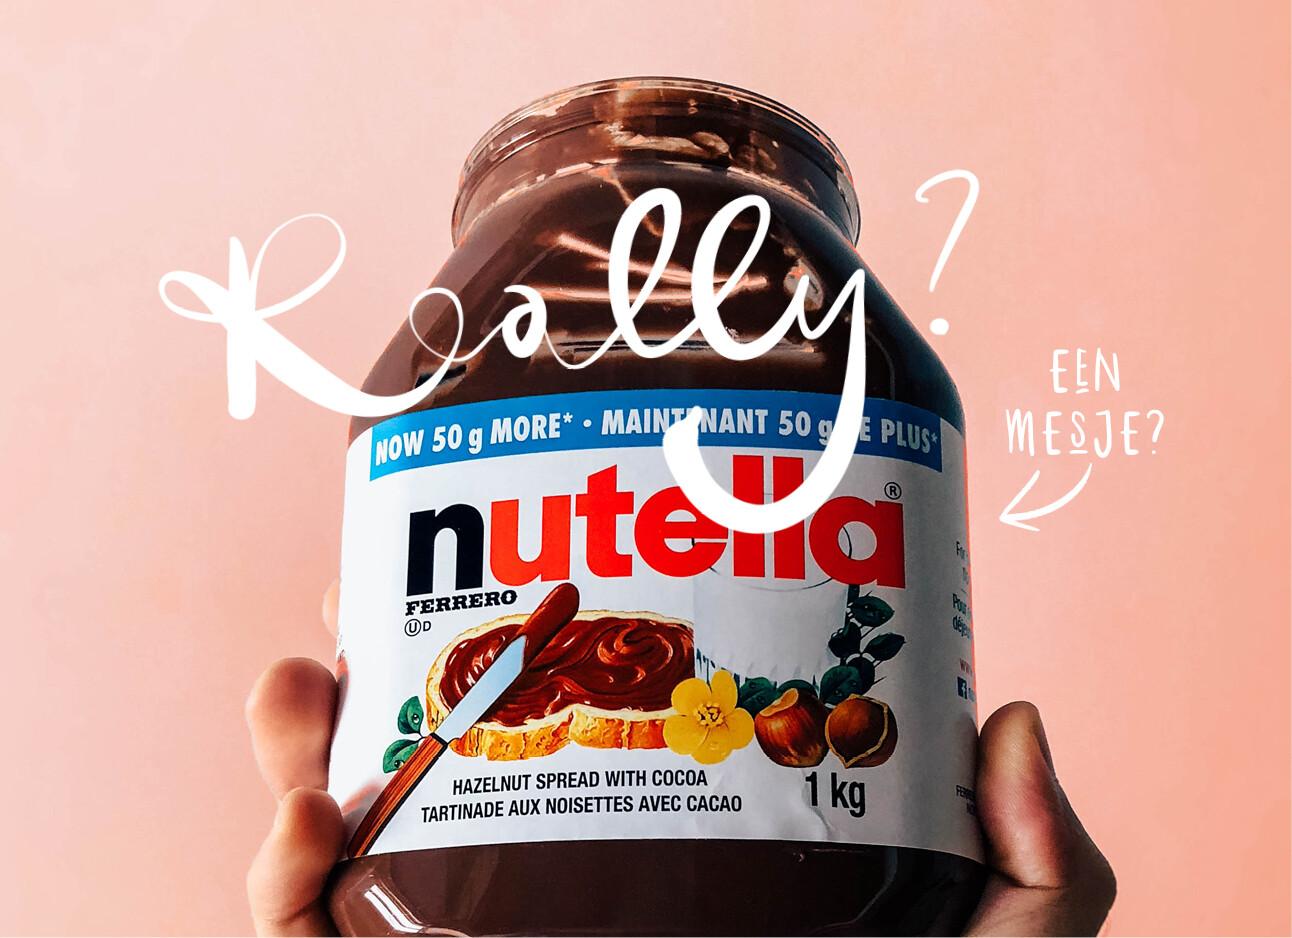 Mind blowing: zit er een verborgen mesje in je Nutella?